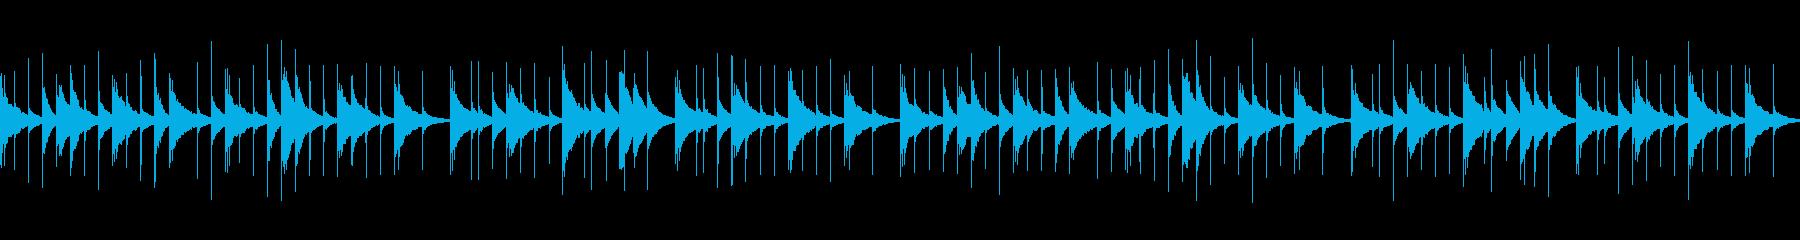 アルプス一万尺 (オルゴール)の再生済みの波形